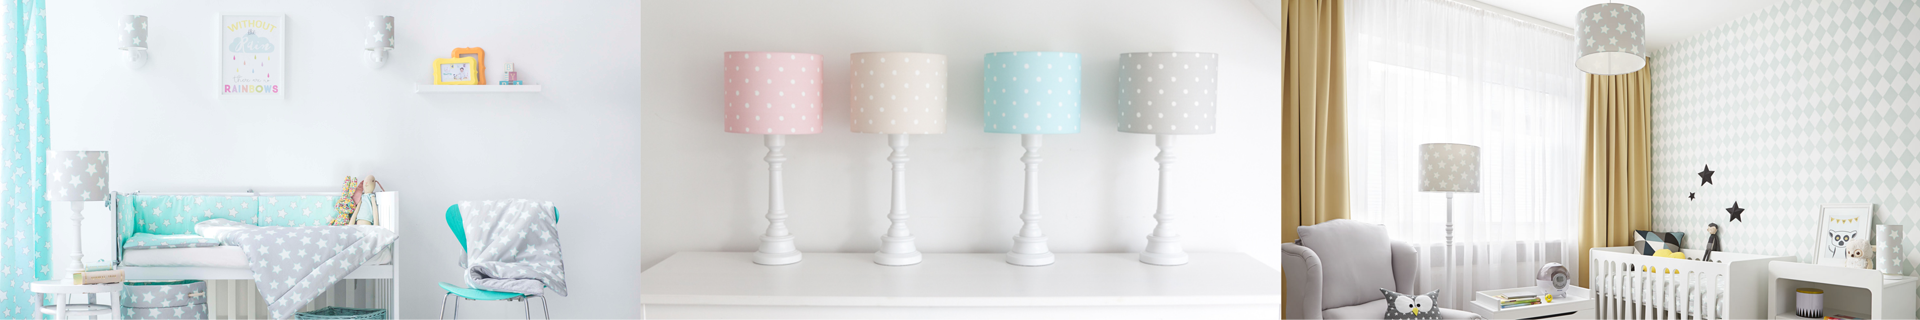 Lampy ozdobne do pokoju dziecięcego - My Sweet Room - Meble dziecięce